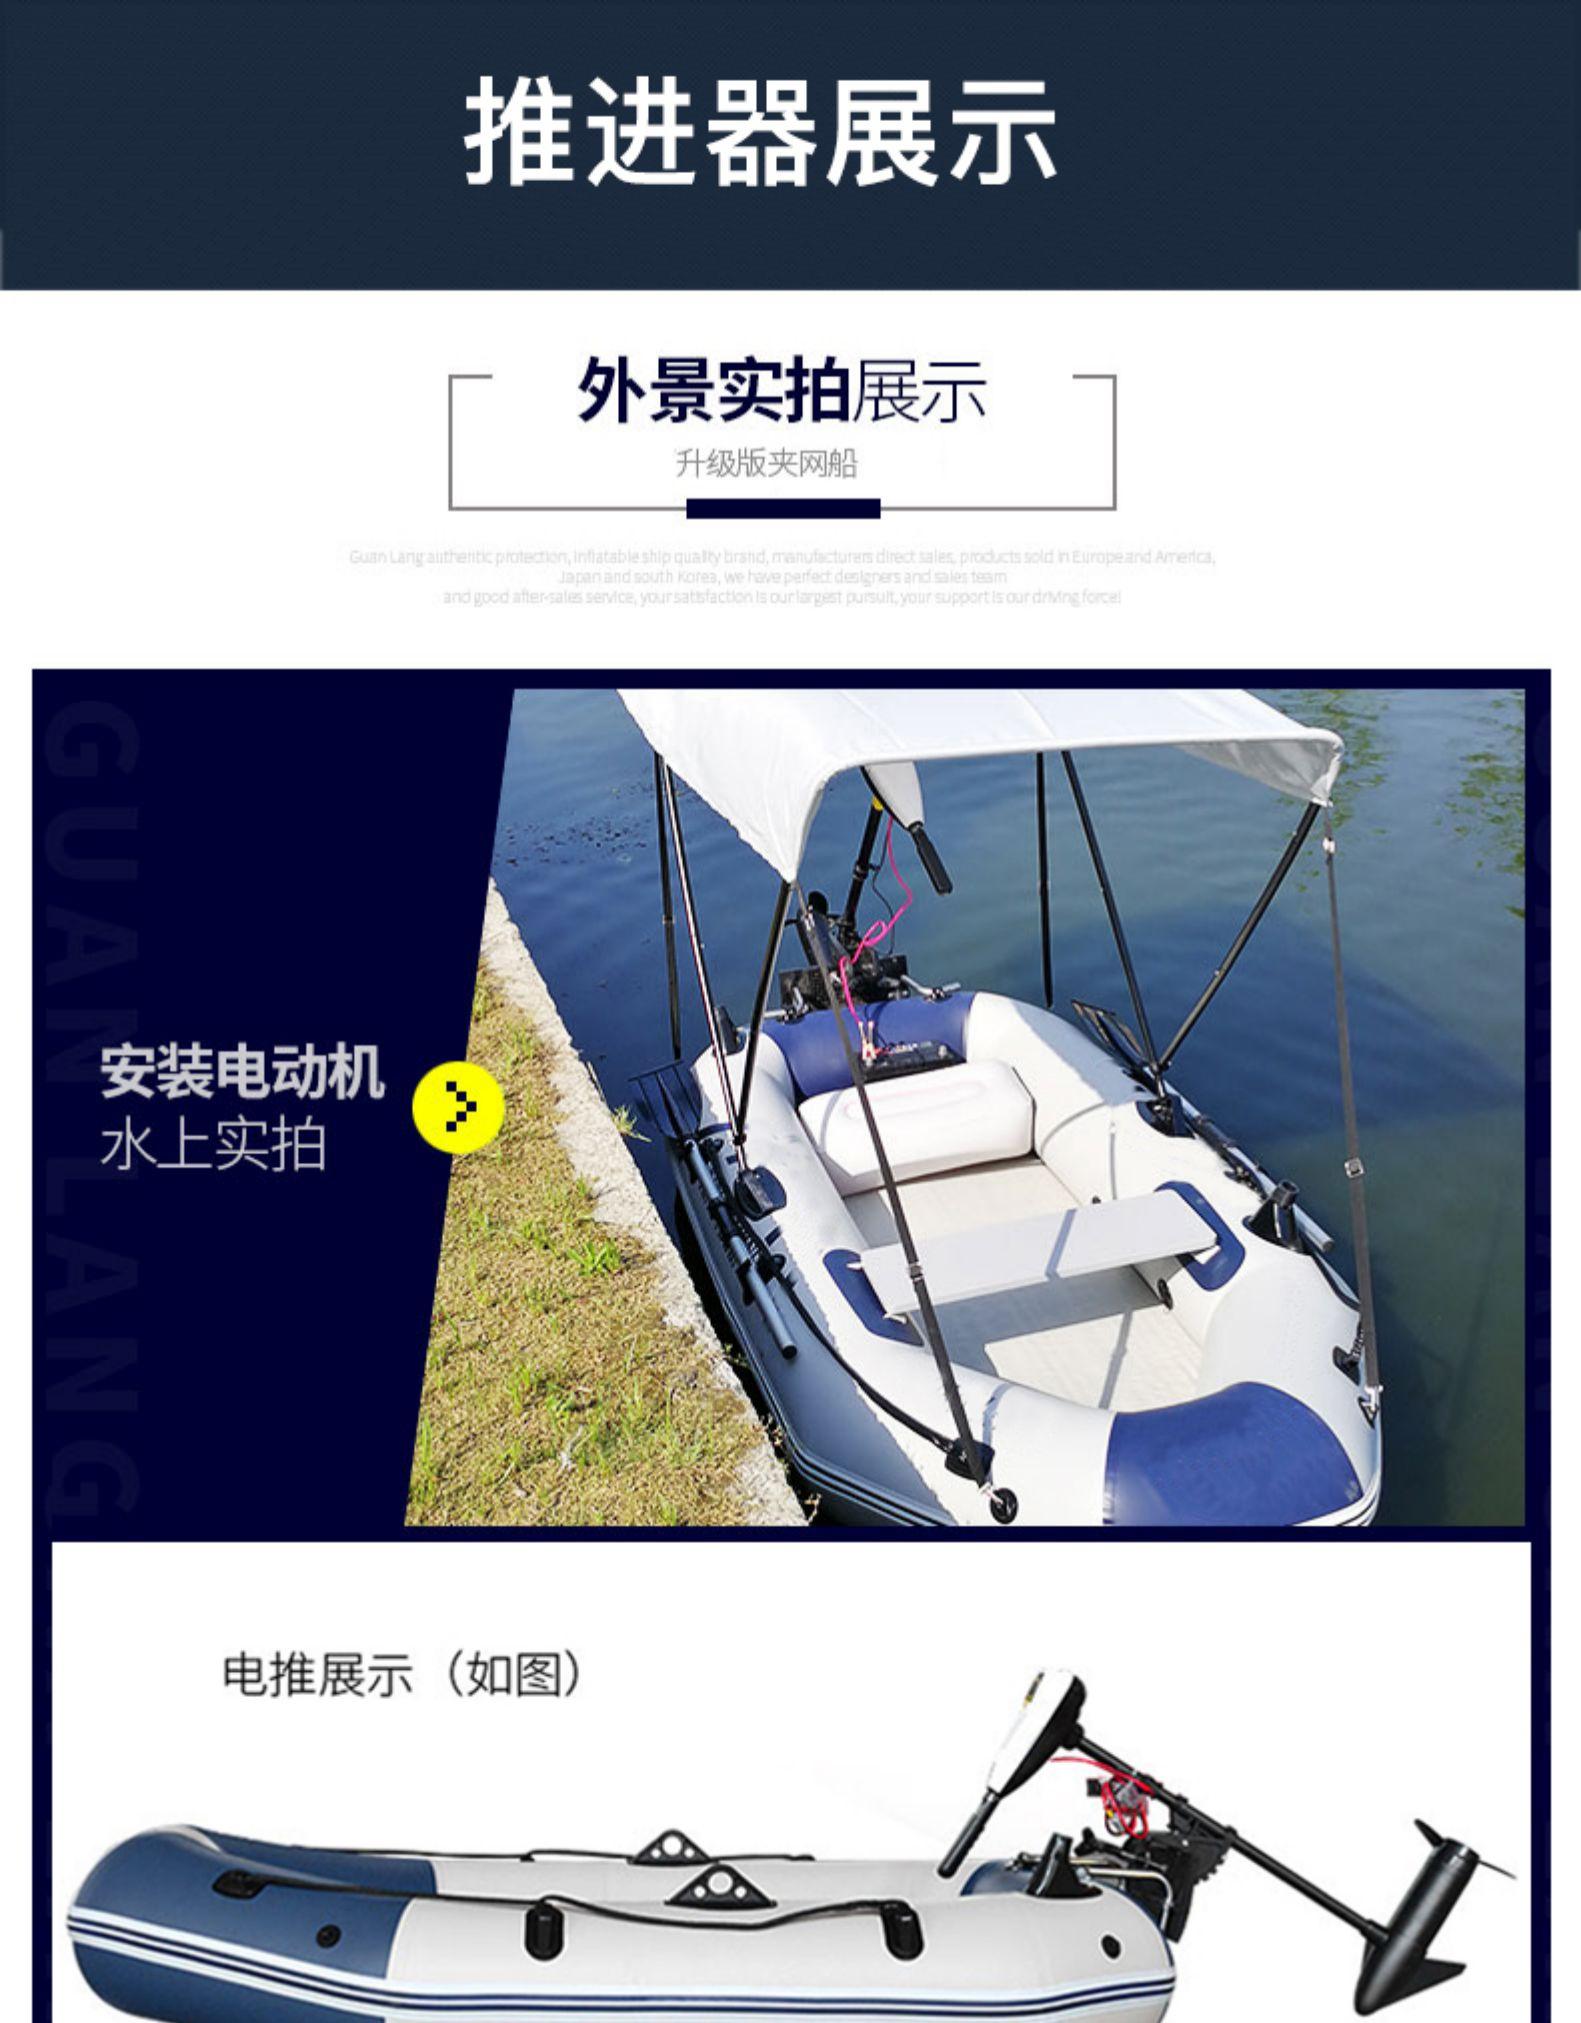 自动橡皮艇橡皮艇加厚硬底皮划艇双人钓鱼衝锋舟气垫耐磨救生汽艇详细照片